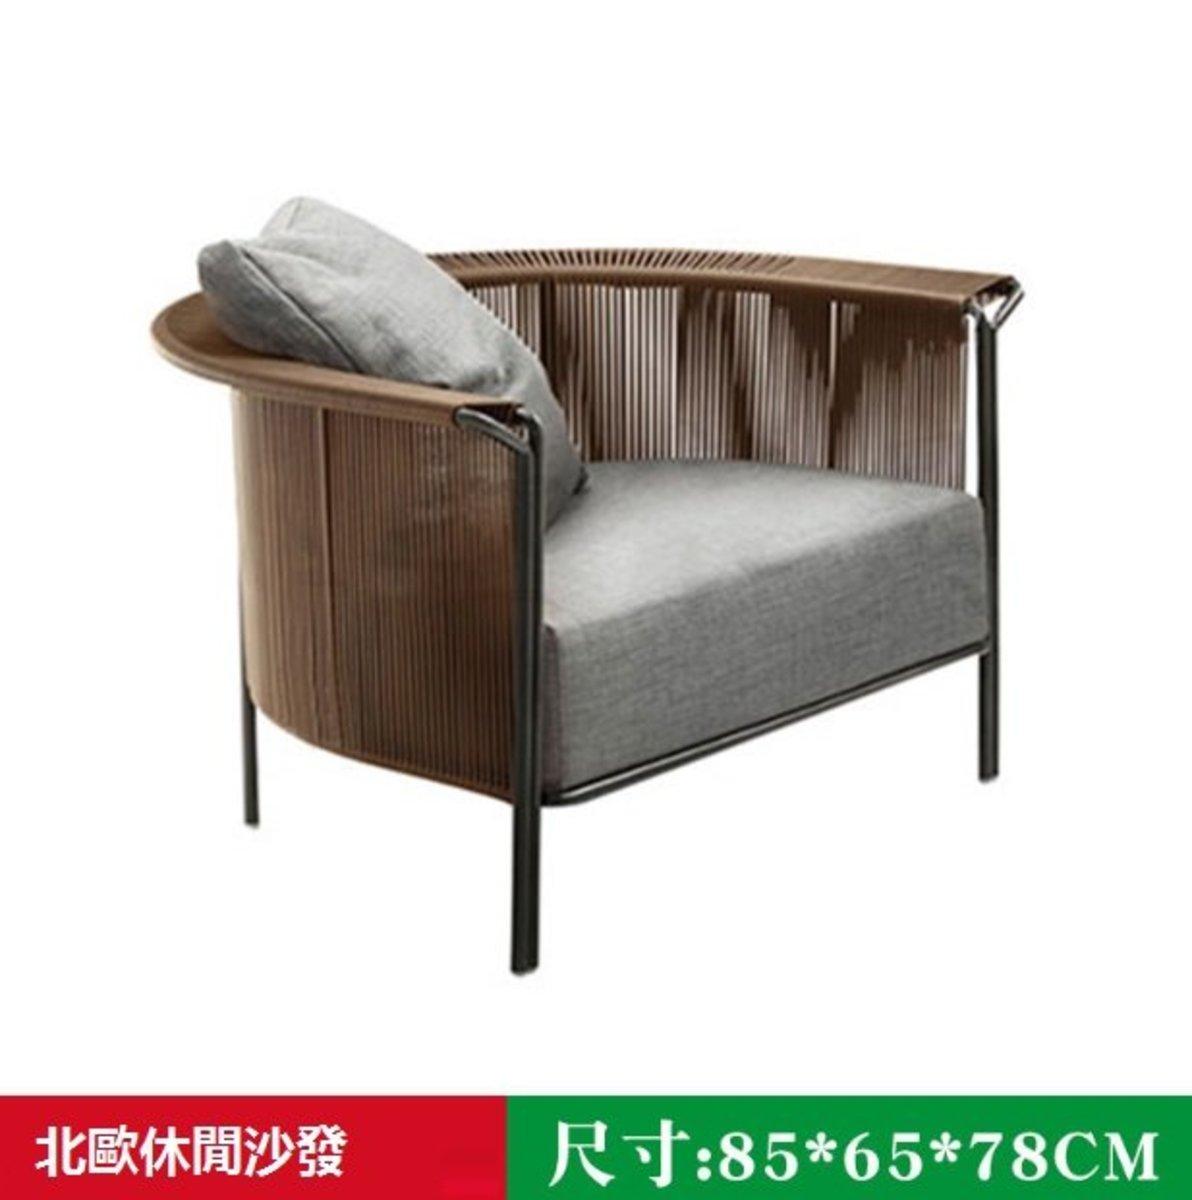 花園陽台北歐藤躺床(北歐休閒沙發:尺寸85*65*78CM)